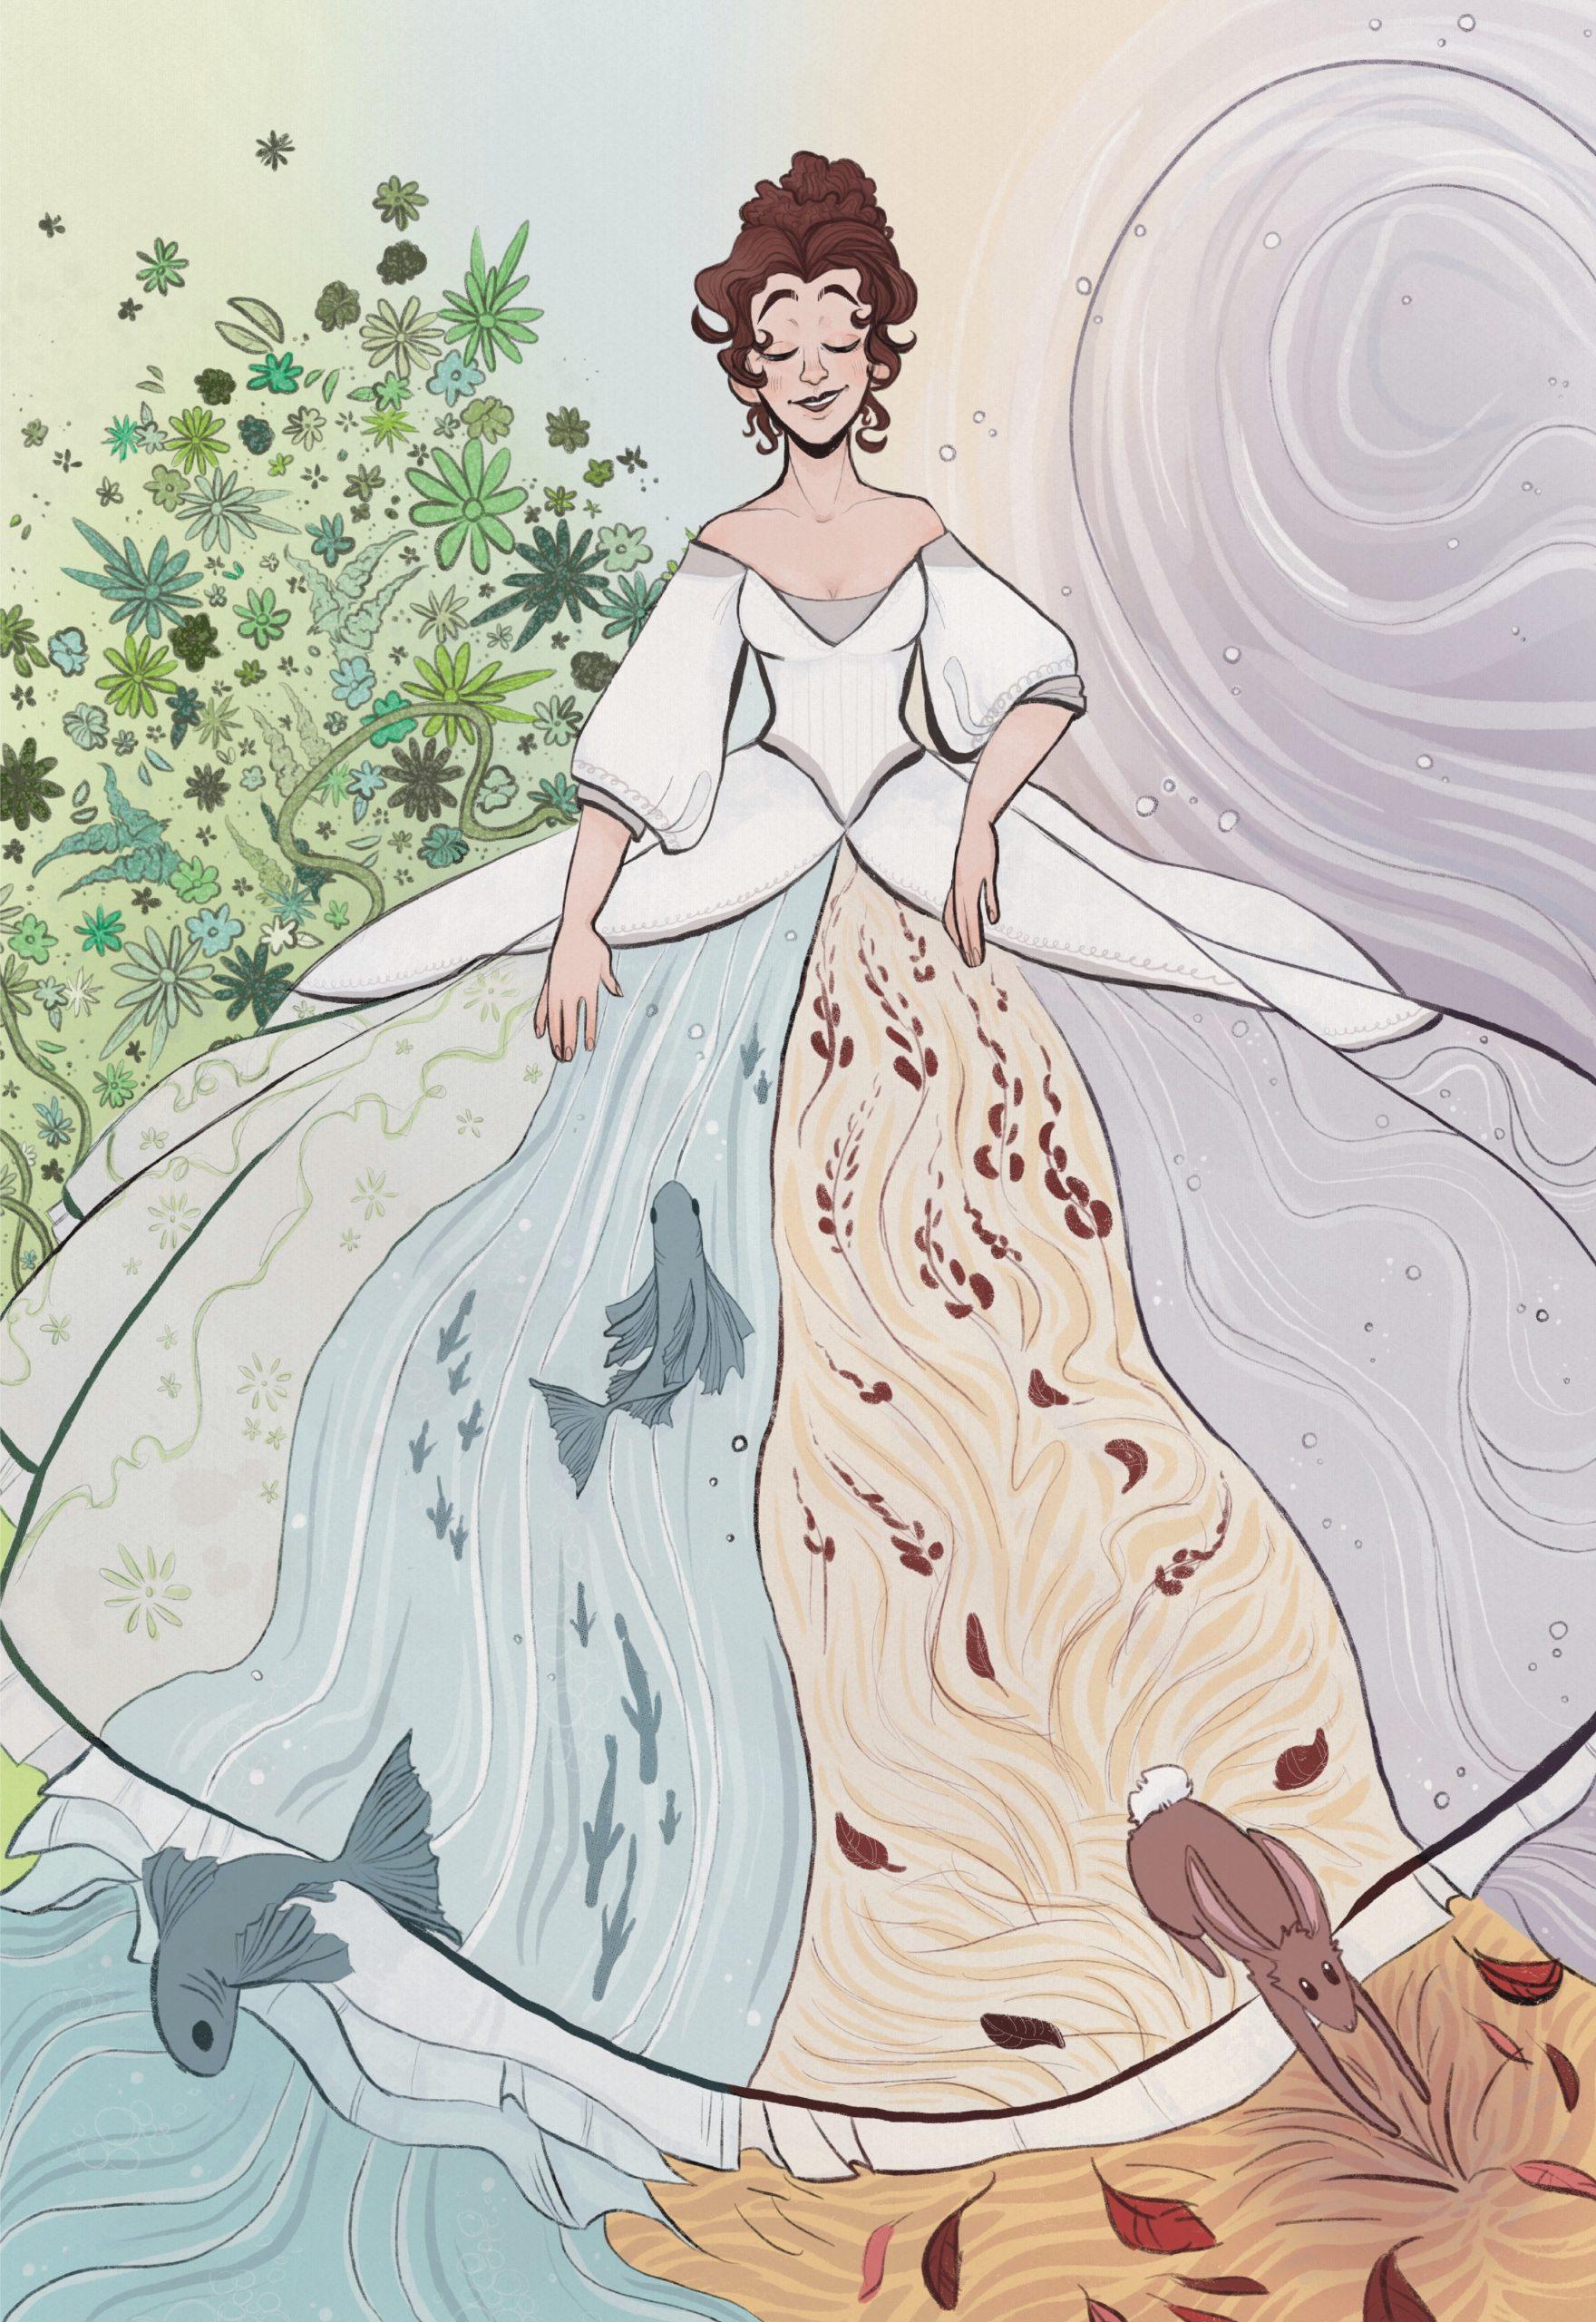 Vivaldi Four Seasons student artwork from MassArt, Sierra Escobales